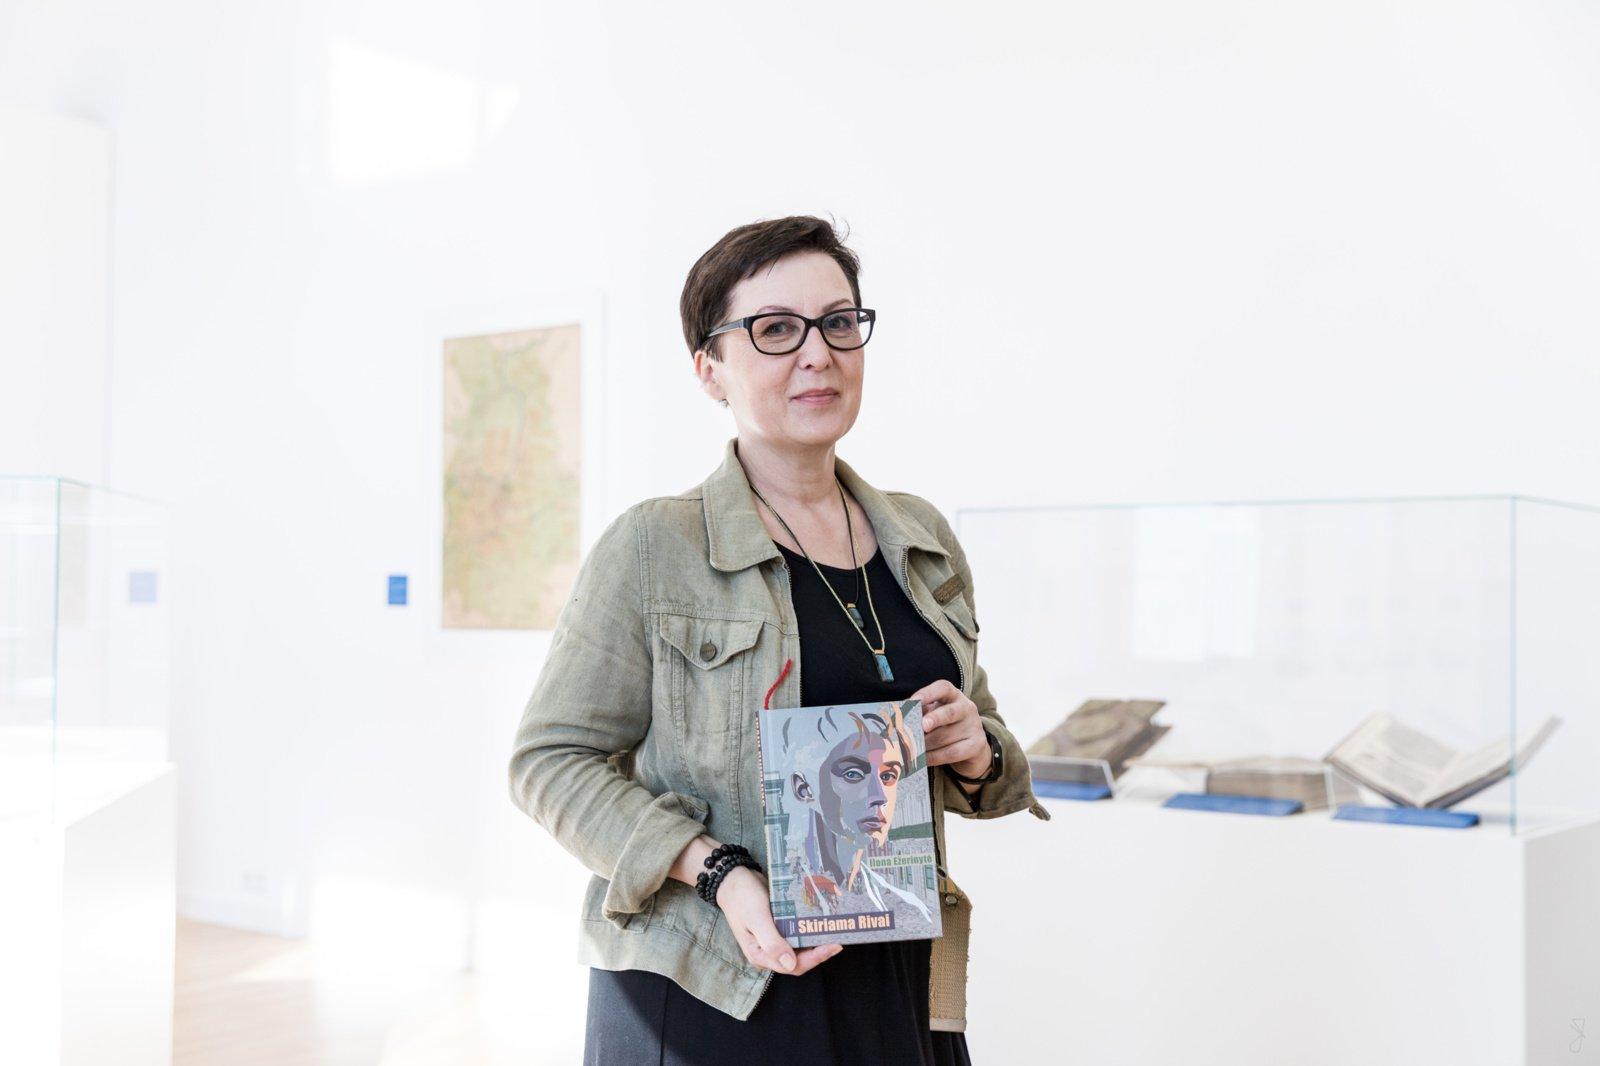 Rašytoja Ilona Ežerinytė apie Šiaulius, kūrybą ir literatūrą